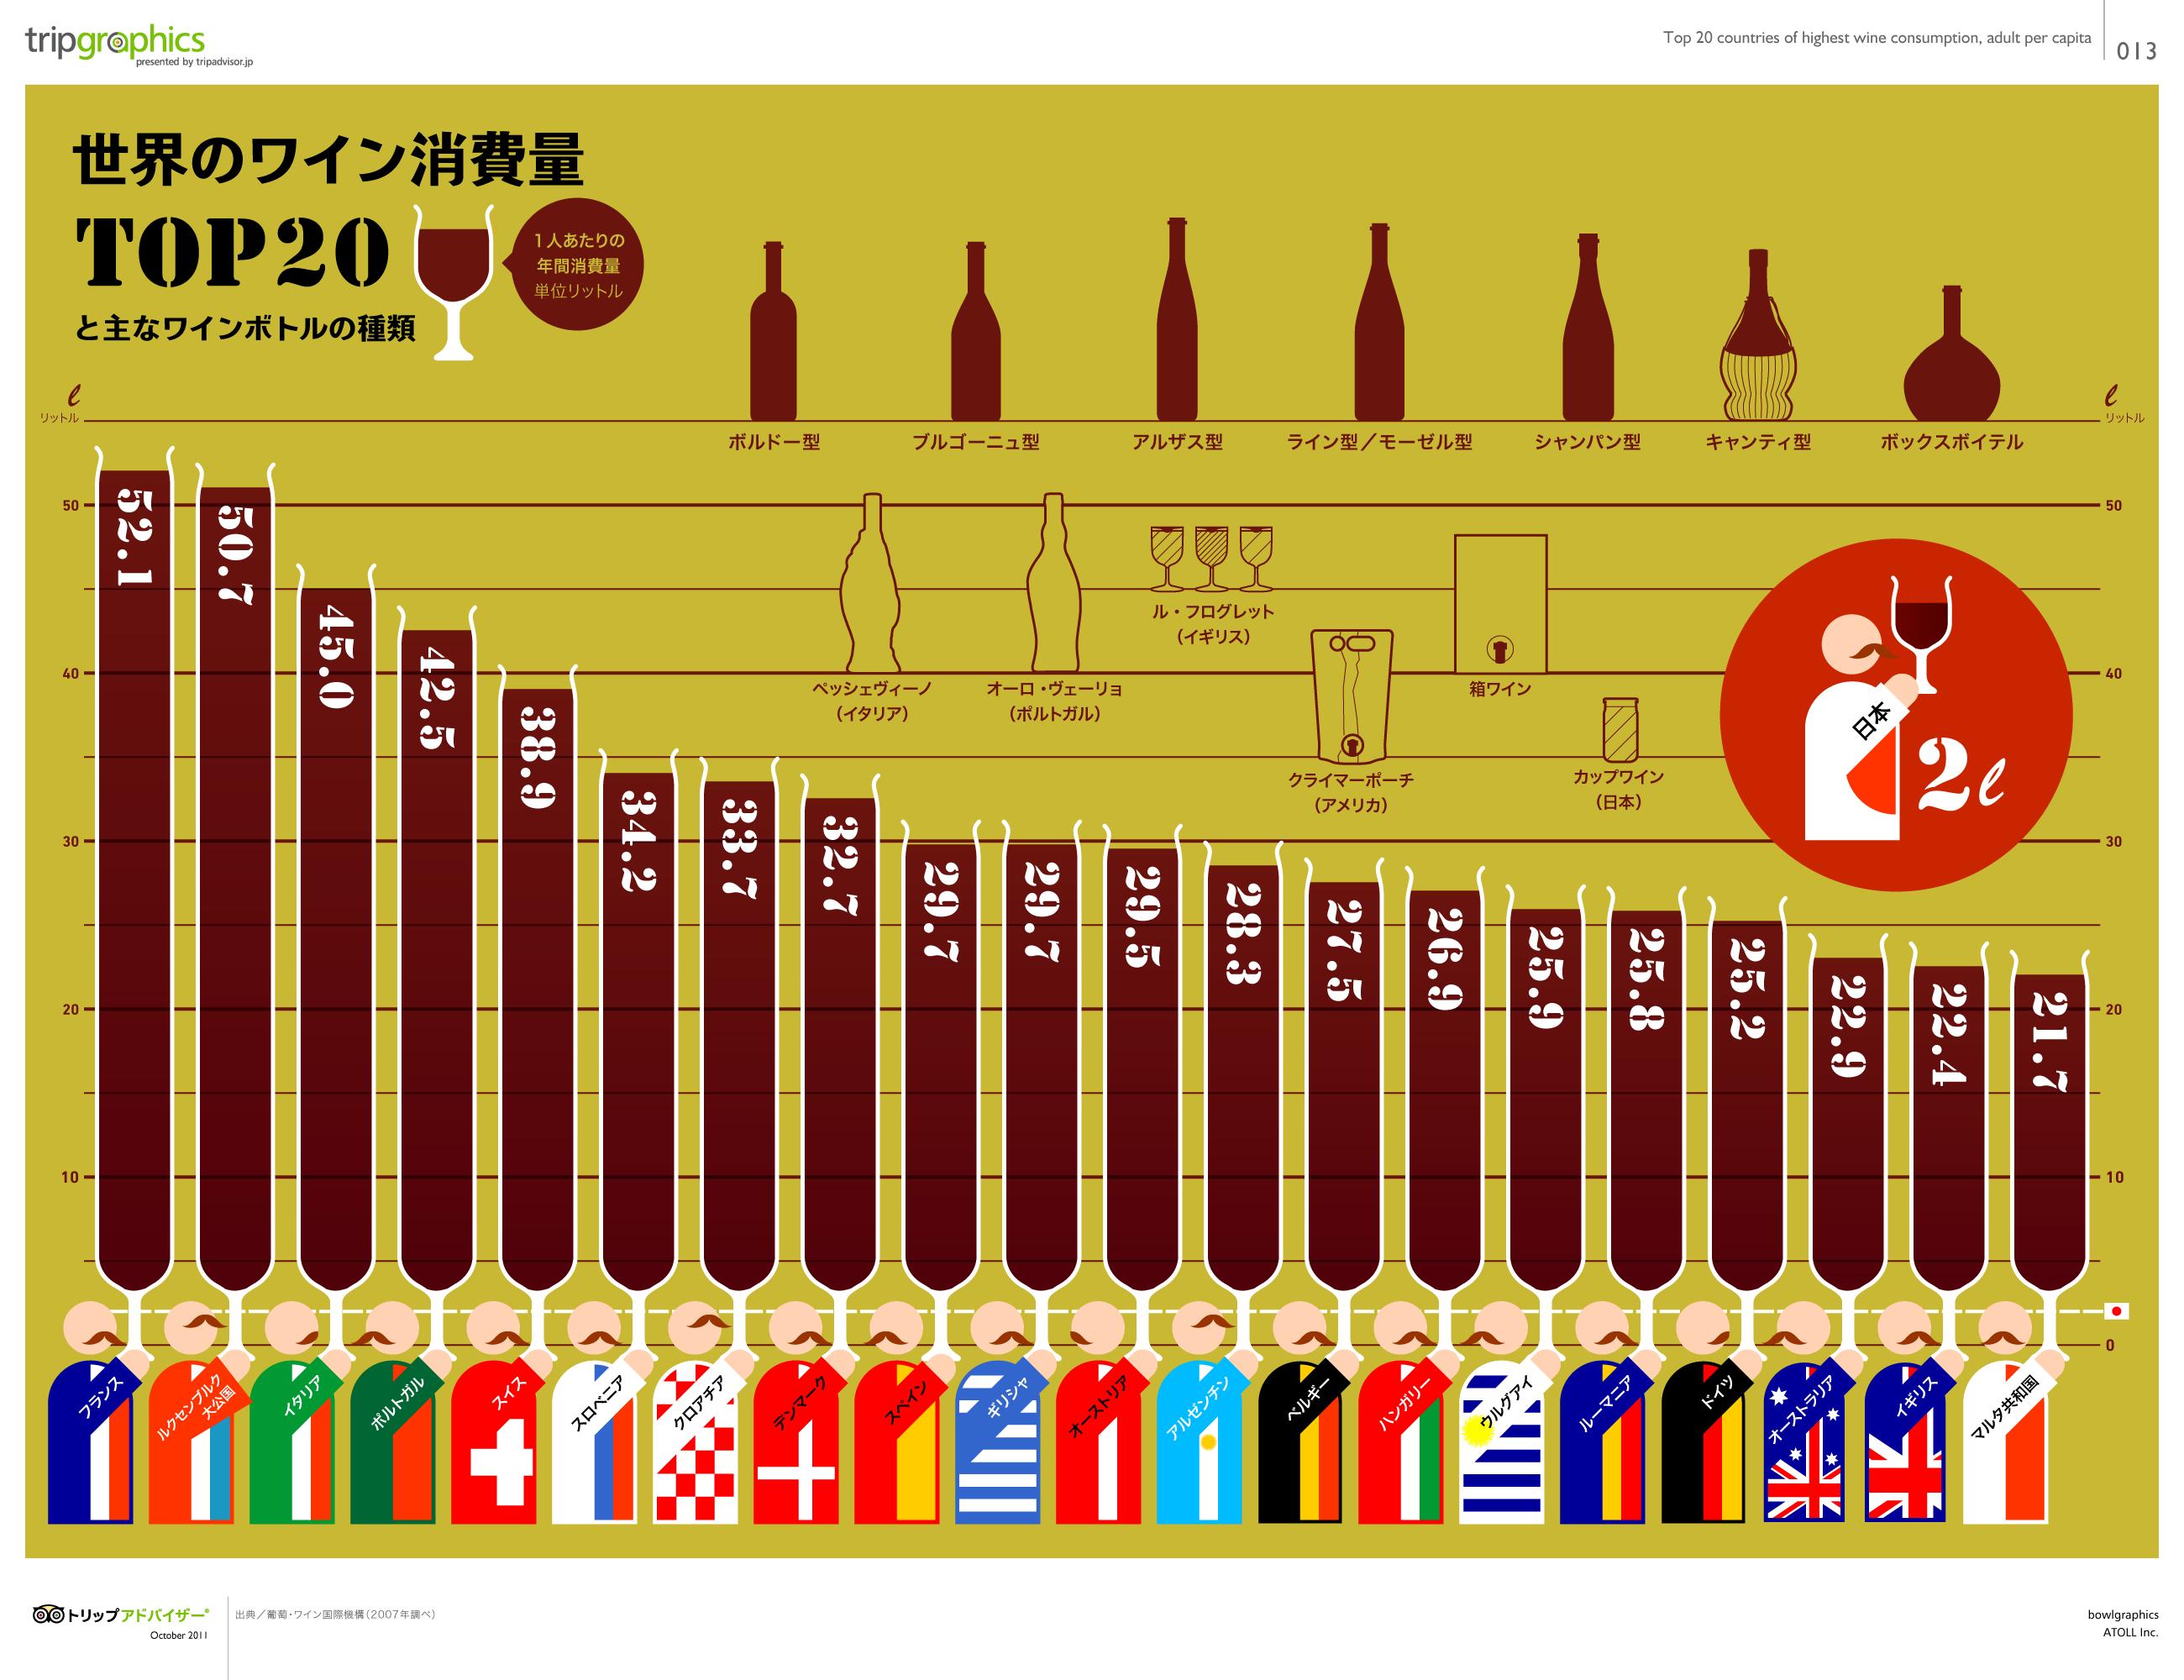 世界のワイン消費量TOP20 : わぉすごい...世界の日本の『様々な ...